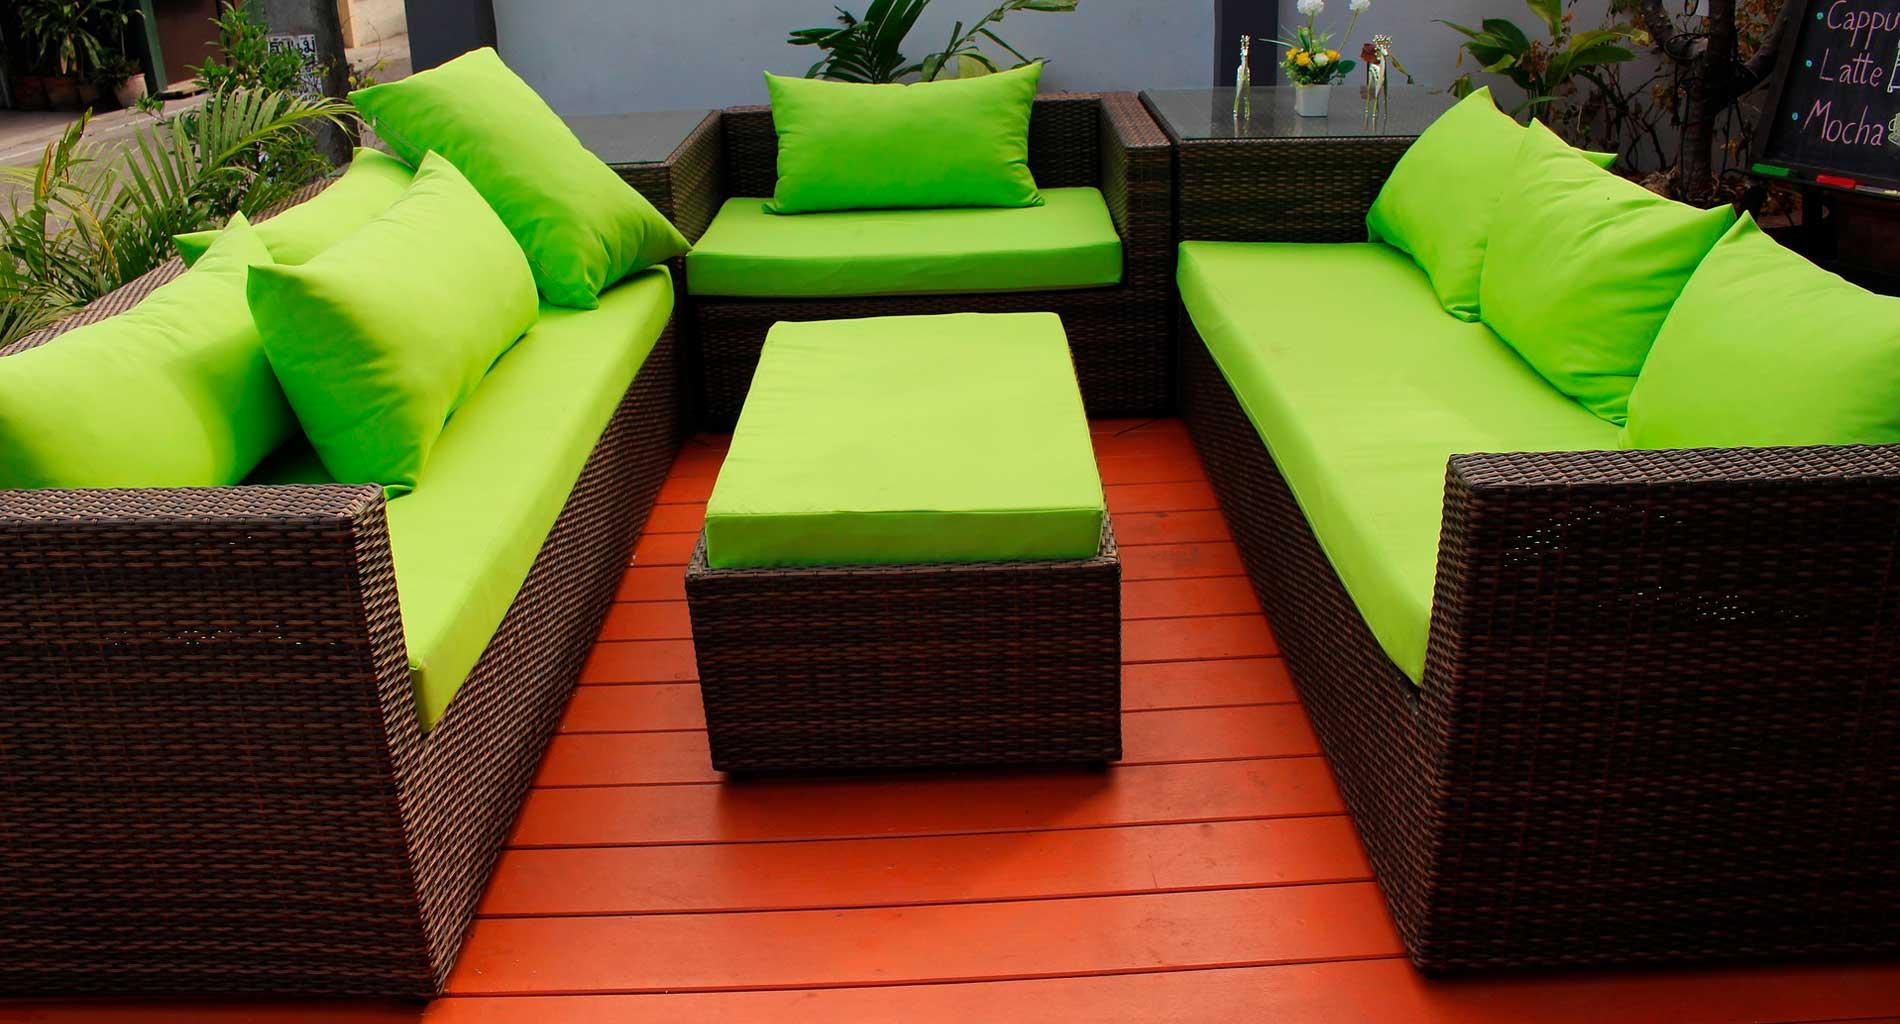 Conjunto de muebles para jardín: Sillas, sillones y mesas